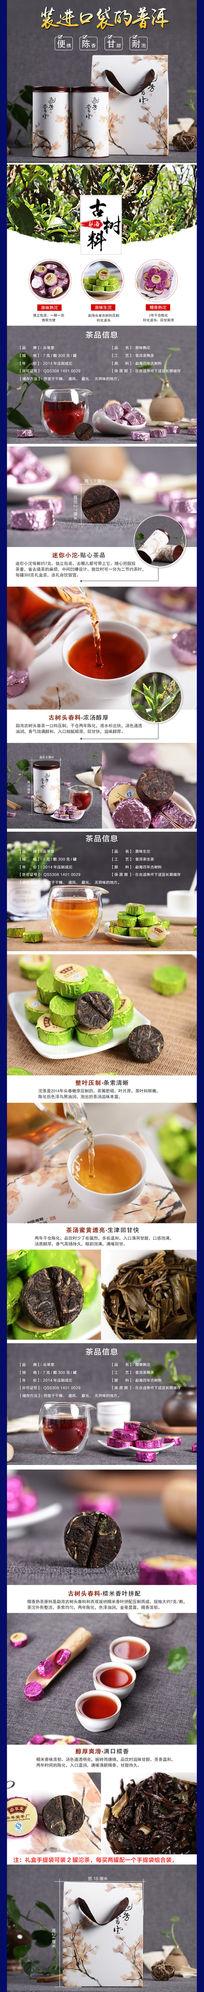 淘宝天猫普洱茶食品详情页